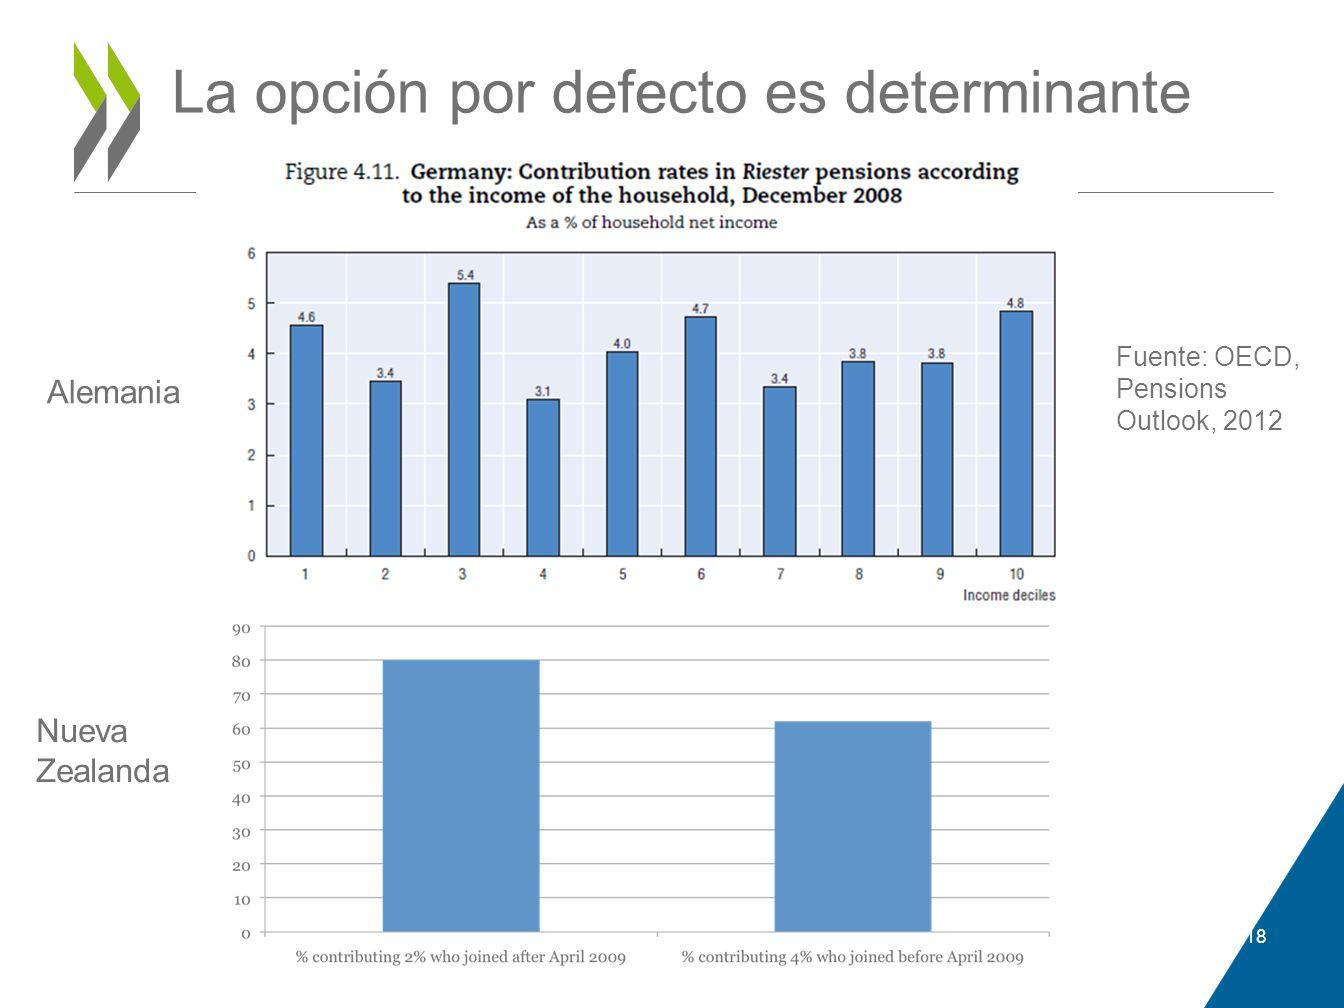 La opción por defecto es determinante 18 Alemania Nueva Zealanda Fuente: OECD, Pensions Outlook, 2012